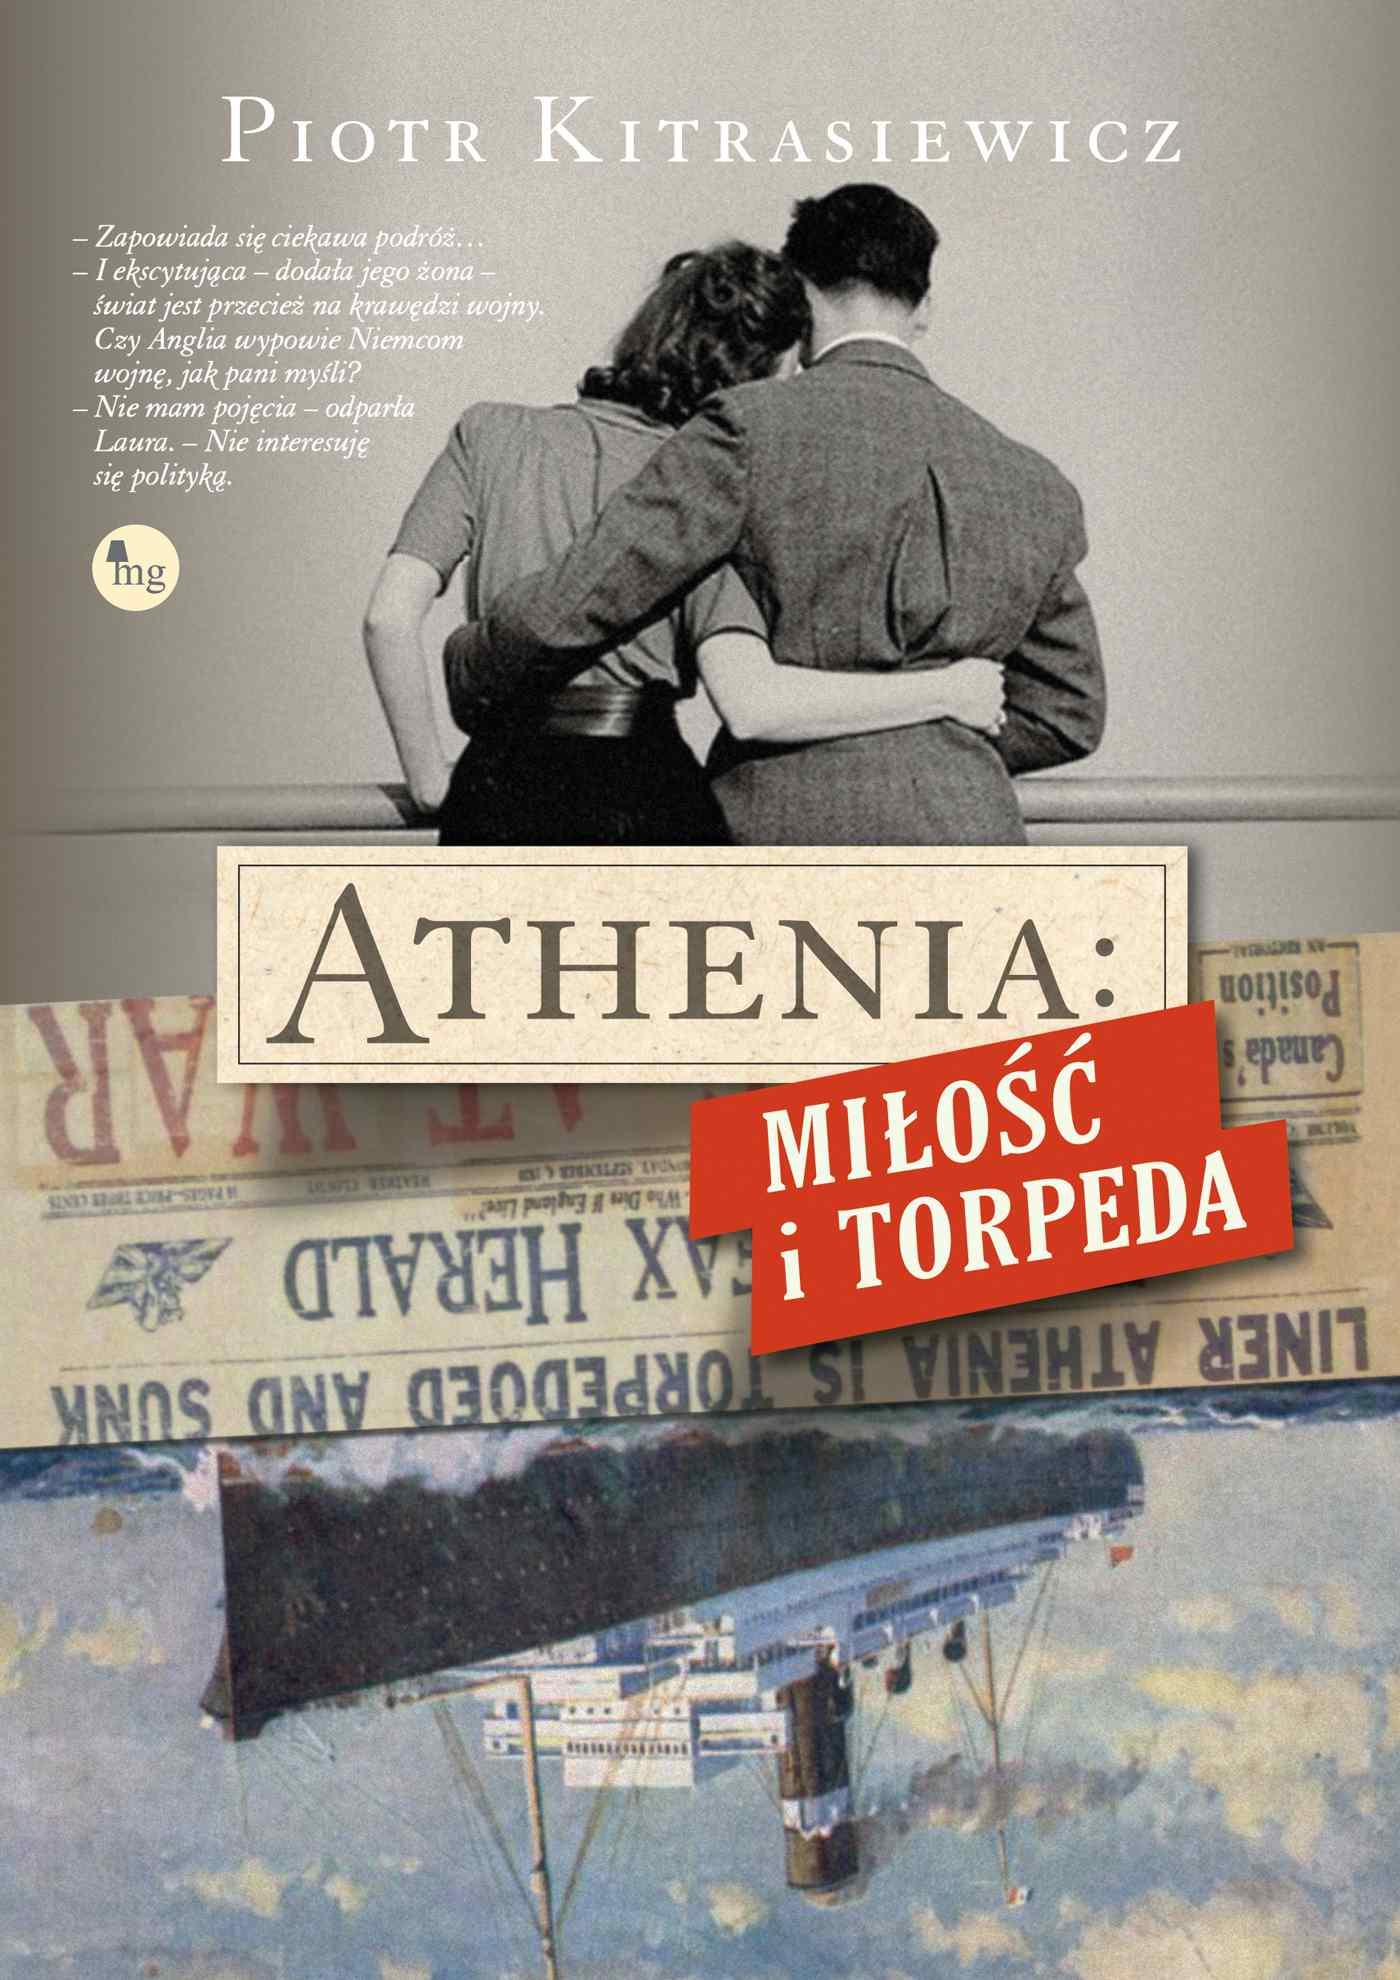 Athenia: Miłość i torpeda - Ebook (Książka EPUB) do pobrania w formacie EPUB